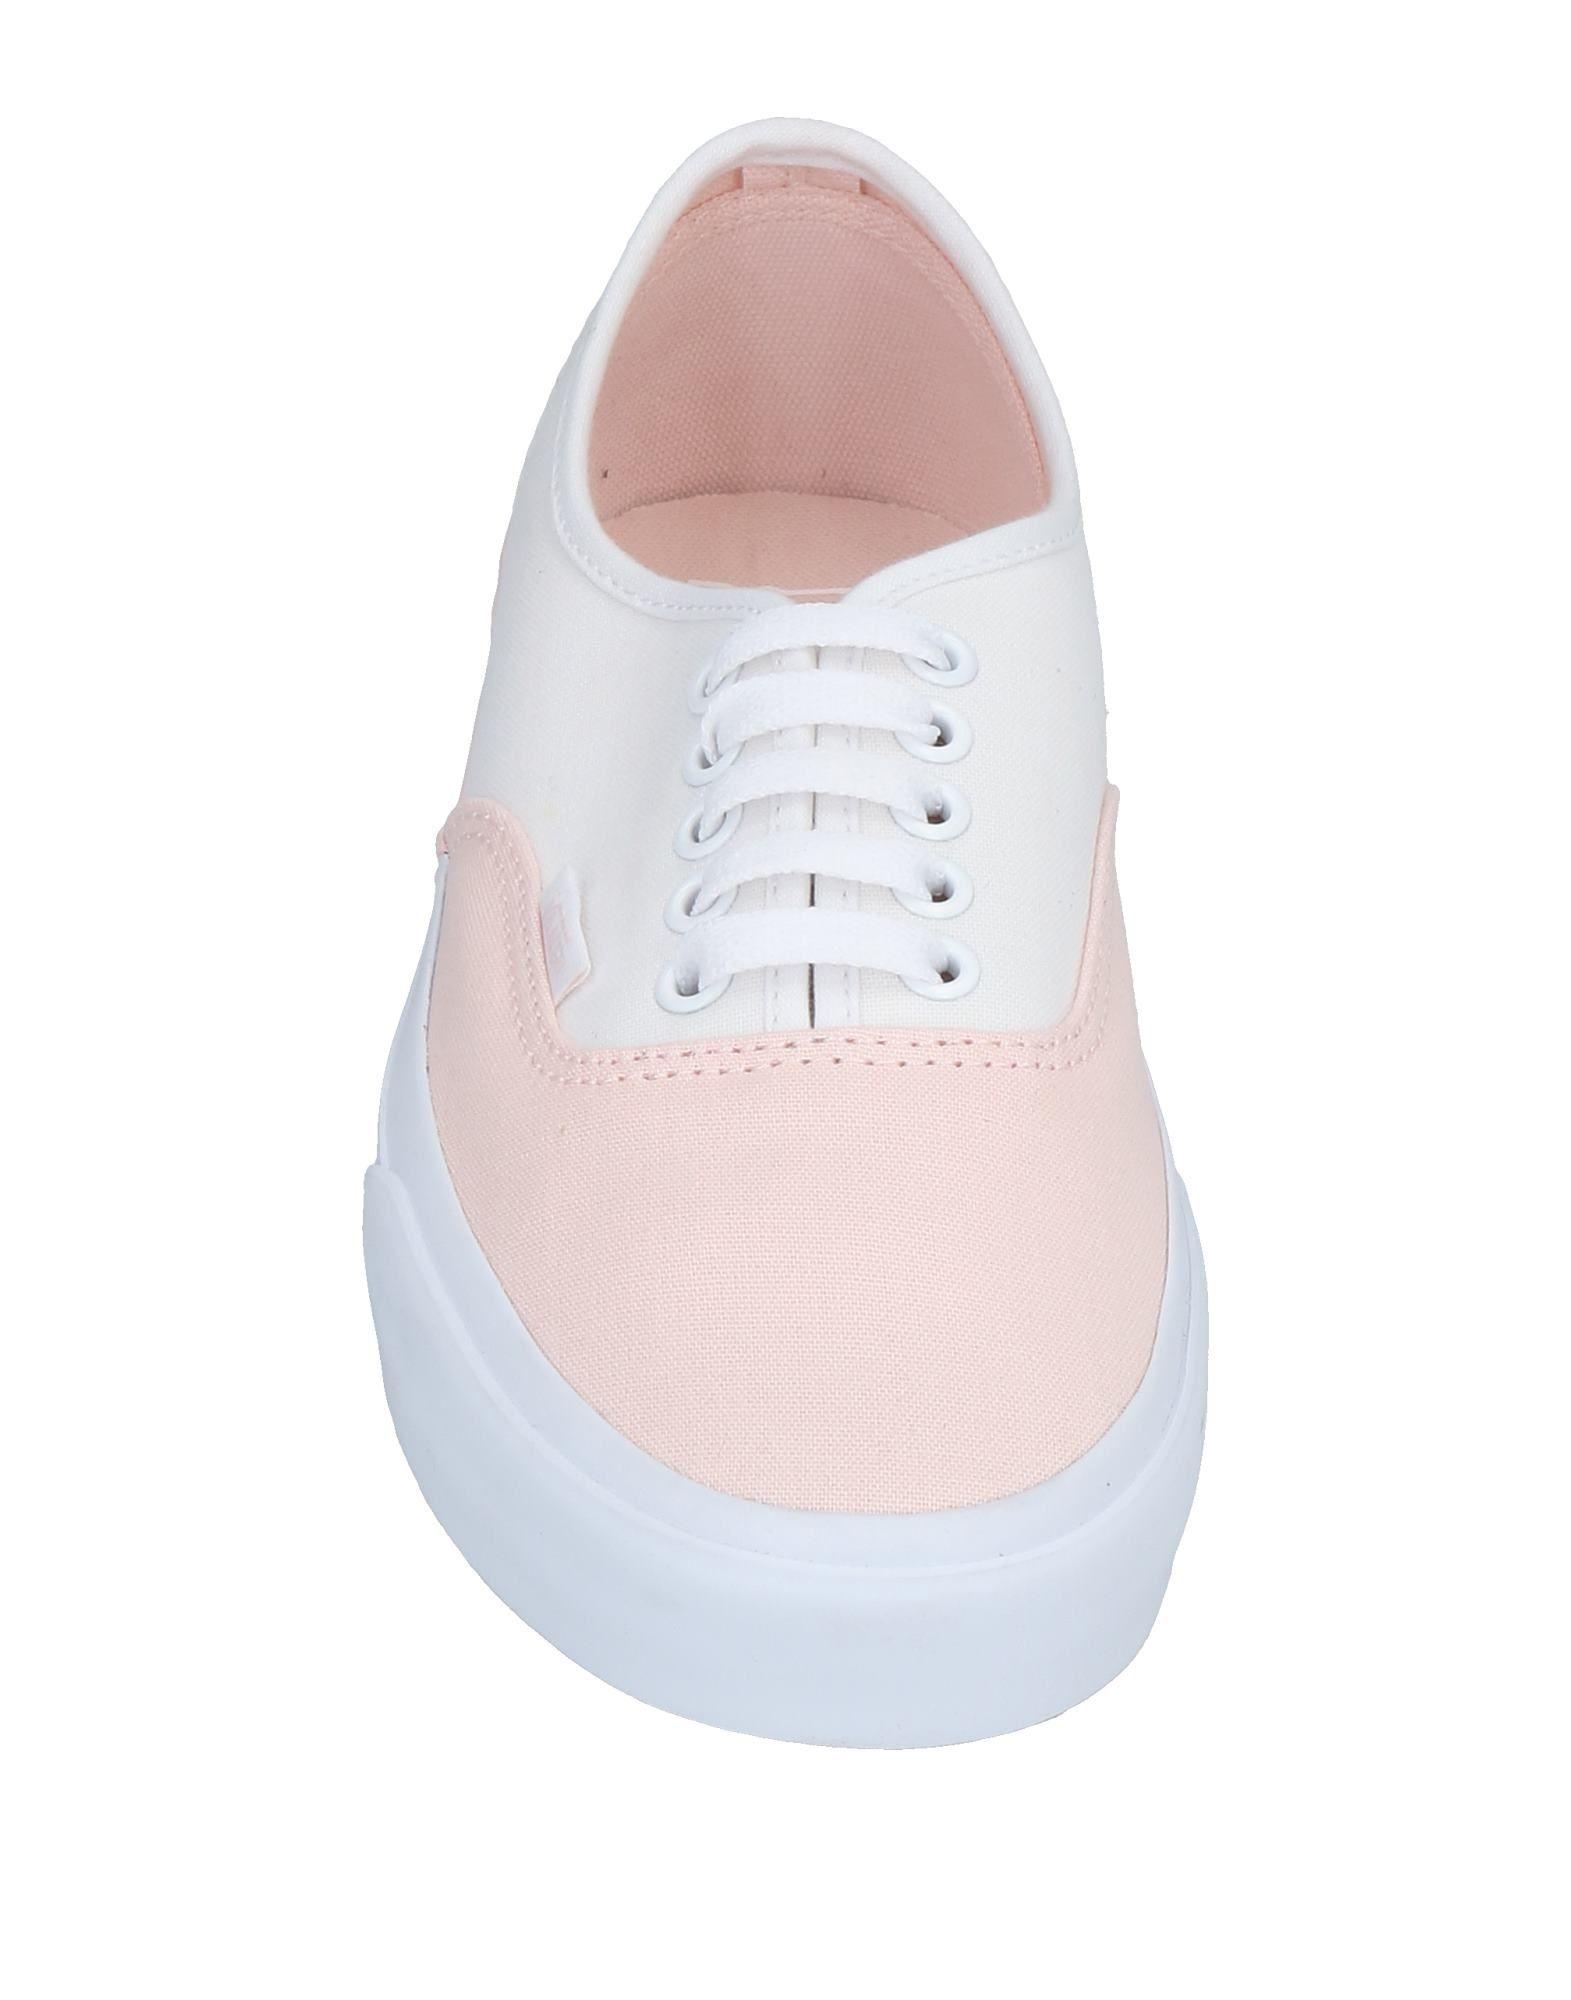 Rose Qs4zh Baskets Chaussures Clair Femme Vans rTrqZ